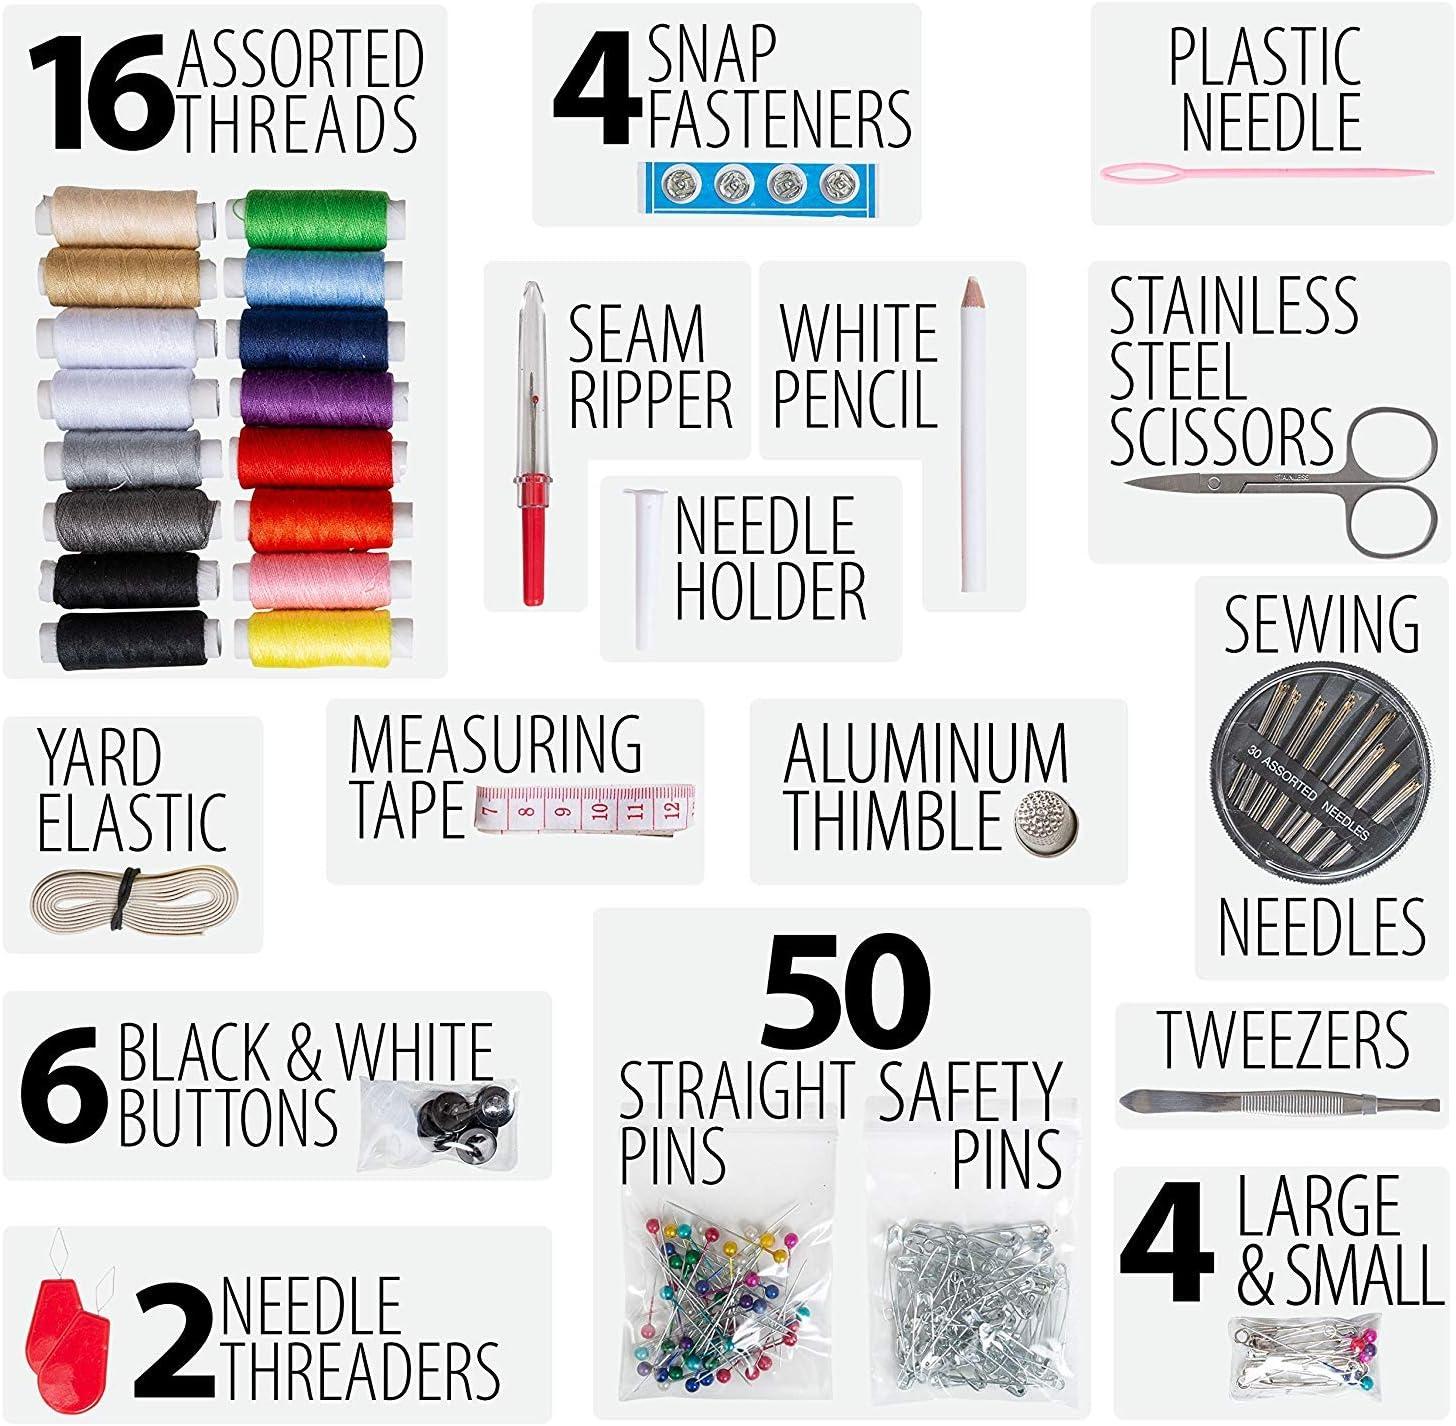 Small Mejor regalo para adultos Caso con 100 extra pines y seguridad pines. viajes camping y emergencia Mini Set de costura para el hogar